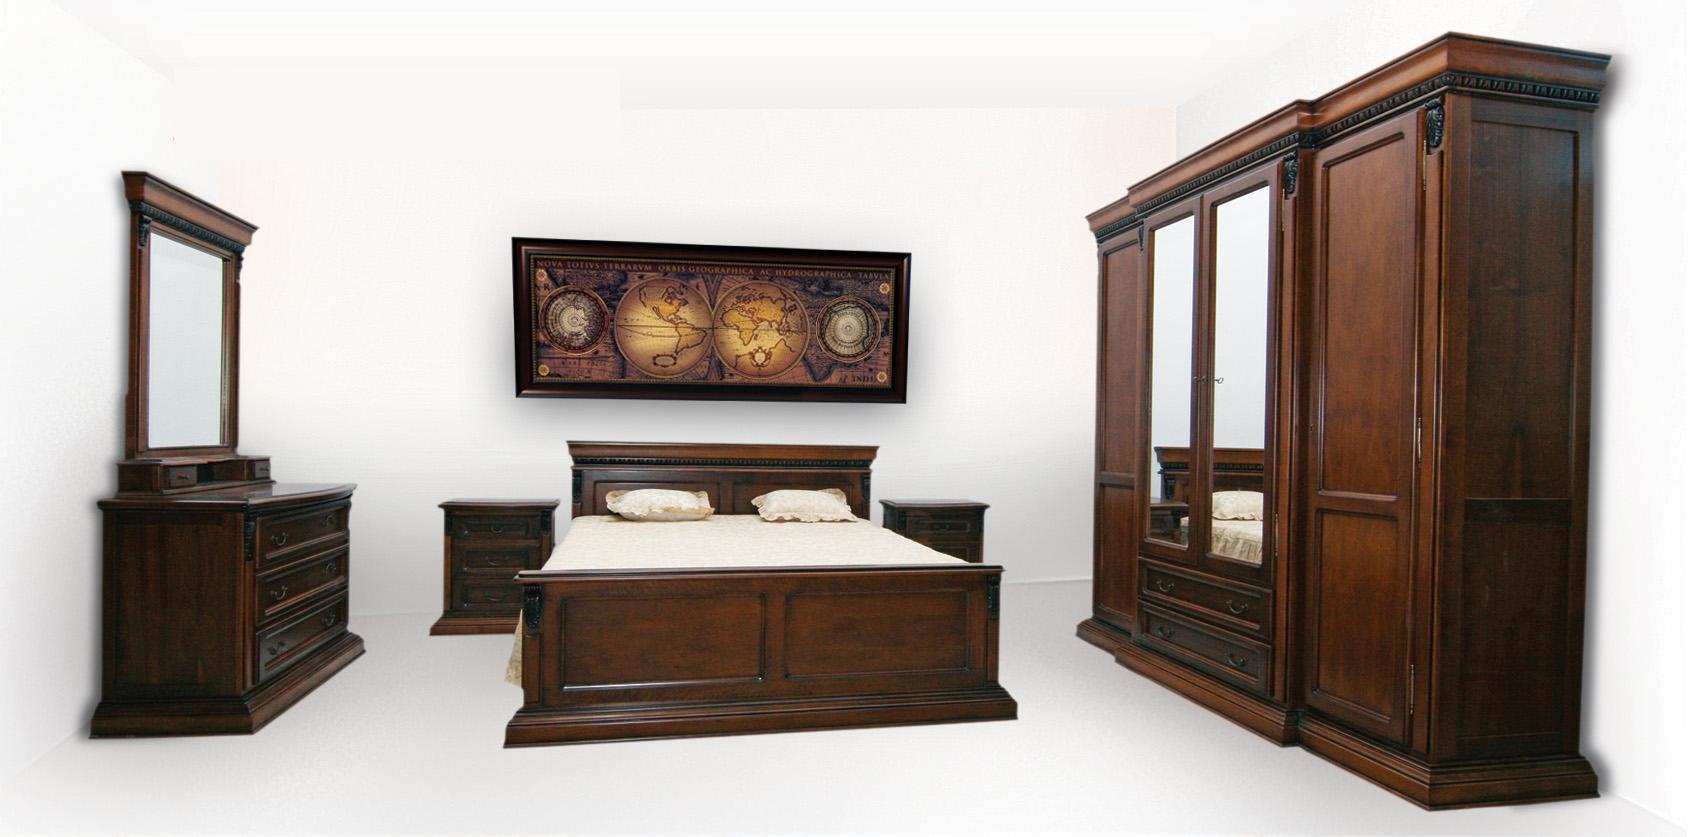 ensemble pour chambre coucher traditionnel 1 0 100 0